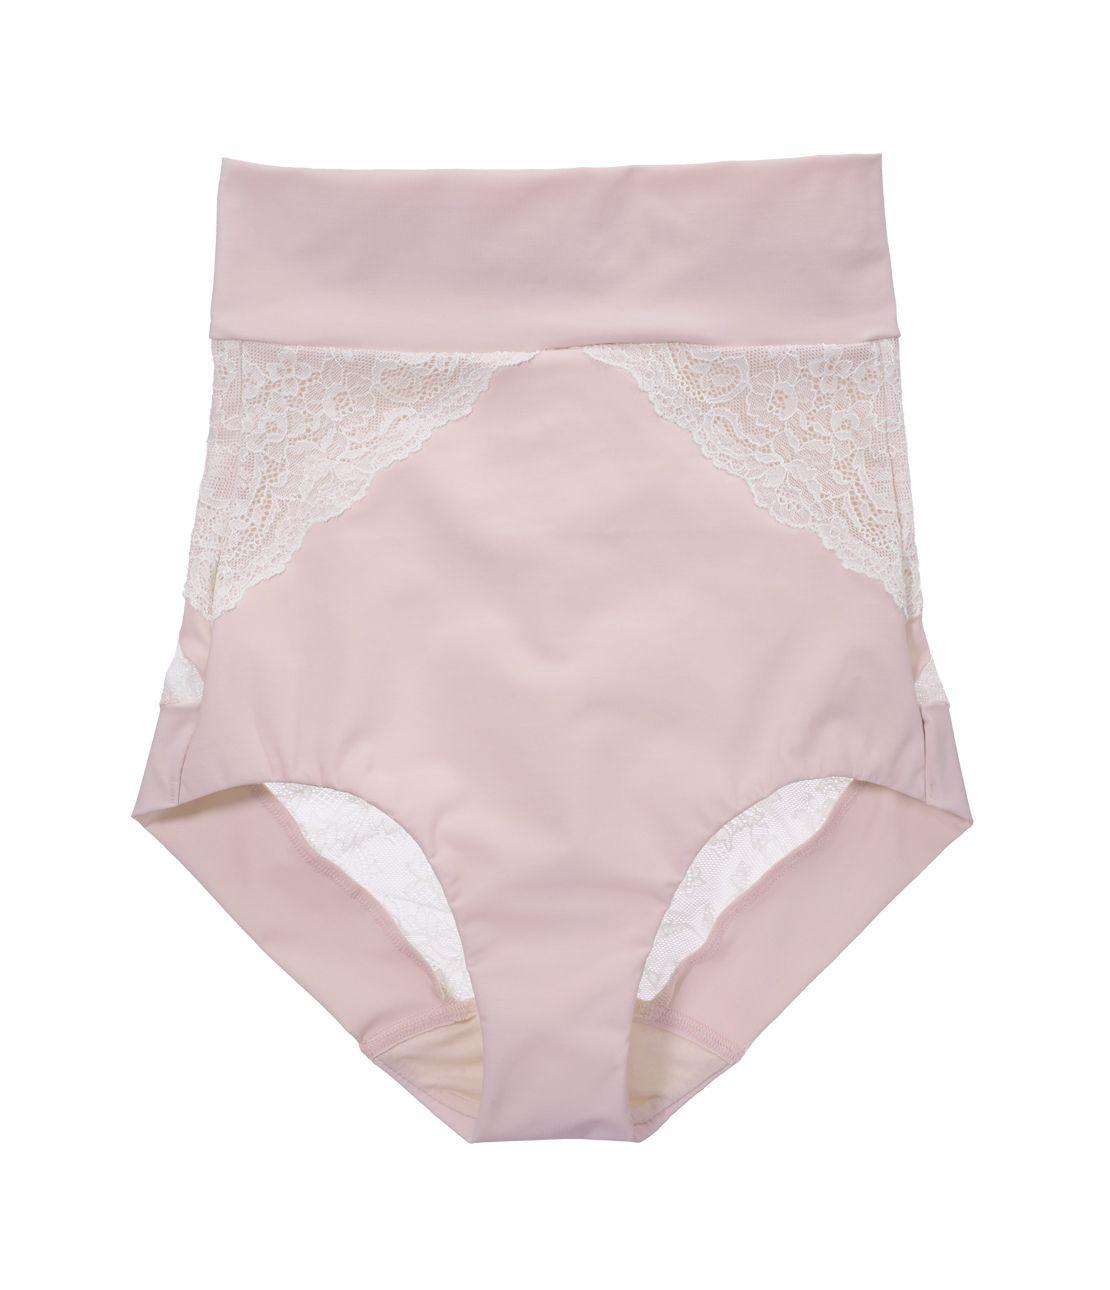 Hami meat light shape high waist panty